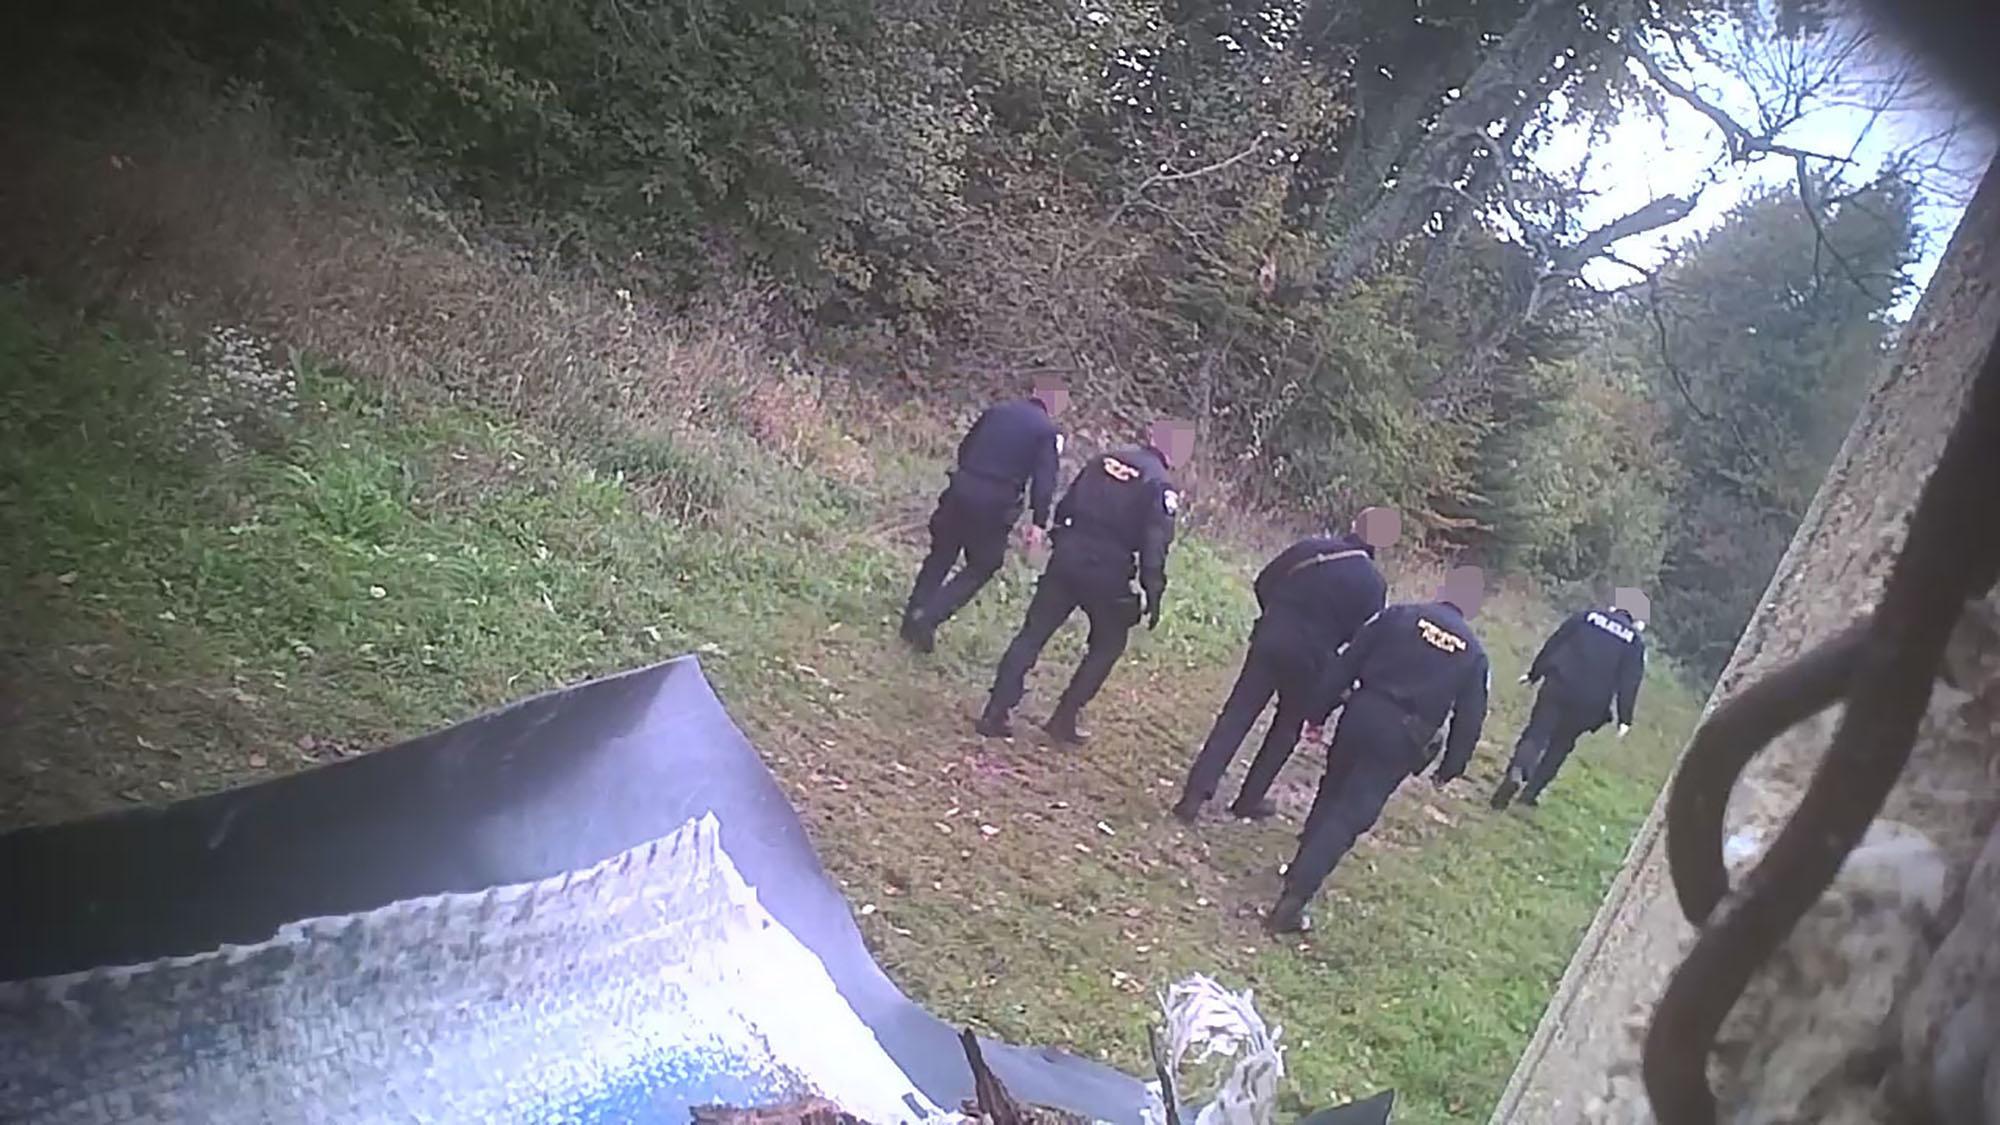 Immer wieder ist auf den Aufnahmen zu sehen, wie Polizisten Menschen einen Weg entlangführen und wenige Minuten später alleine zurückkehren. Wohin genau die Menschen geführt werden, sieht man auf den Videos nicht – die Vermutung liegt nahe, dass sie nach Bosnien gehen müssen.